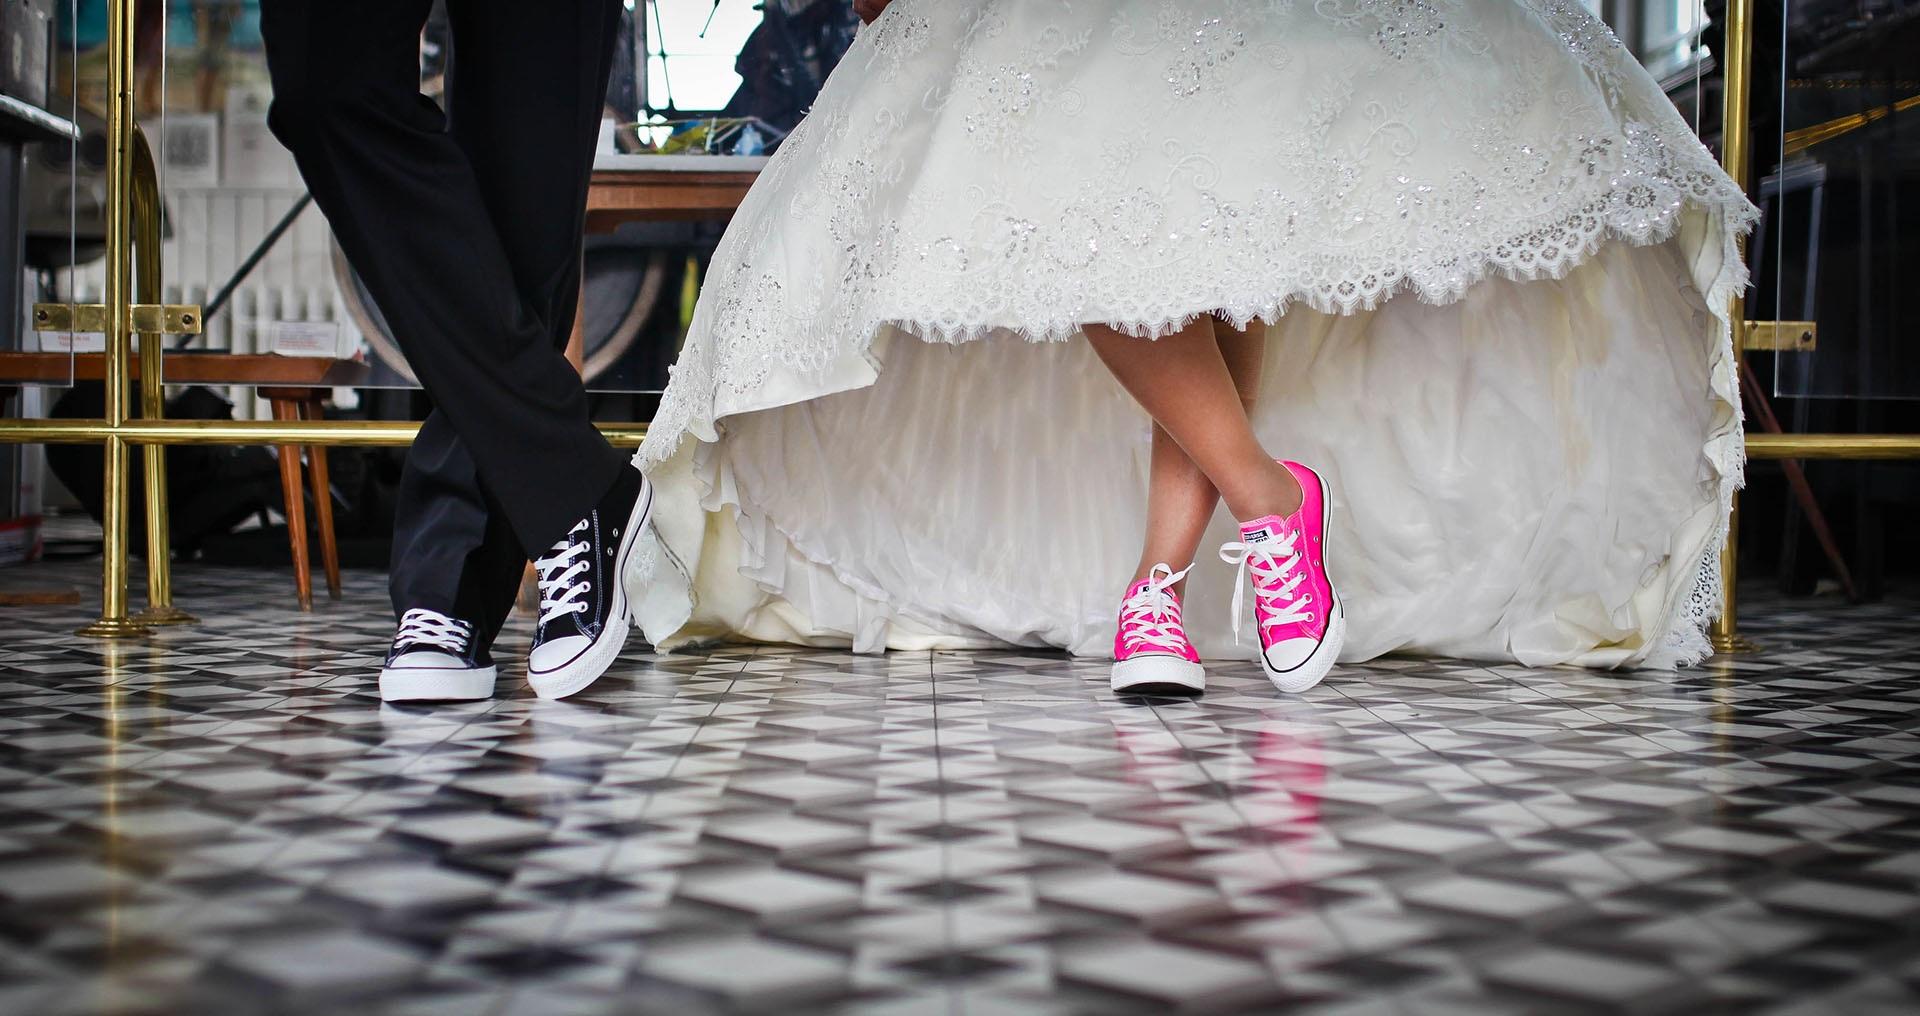 Hochzeit-Trauung-Brautpaar-Troisdorf-Evangelisch